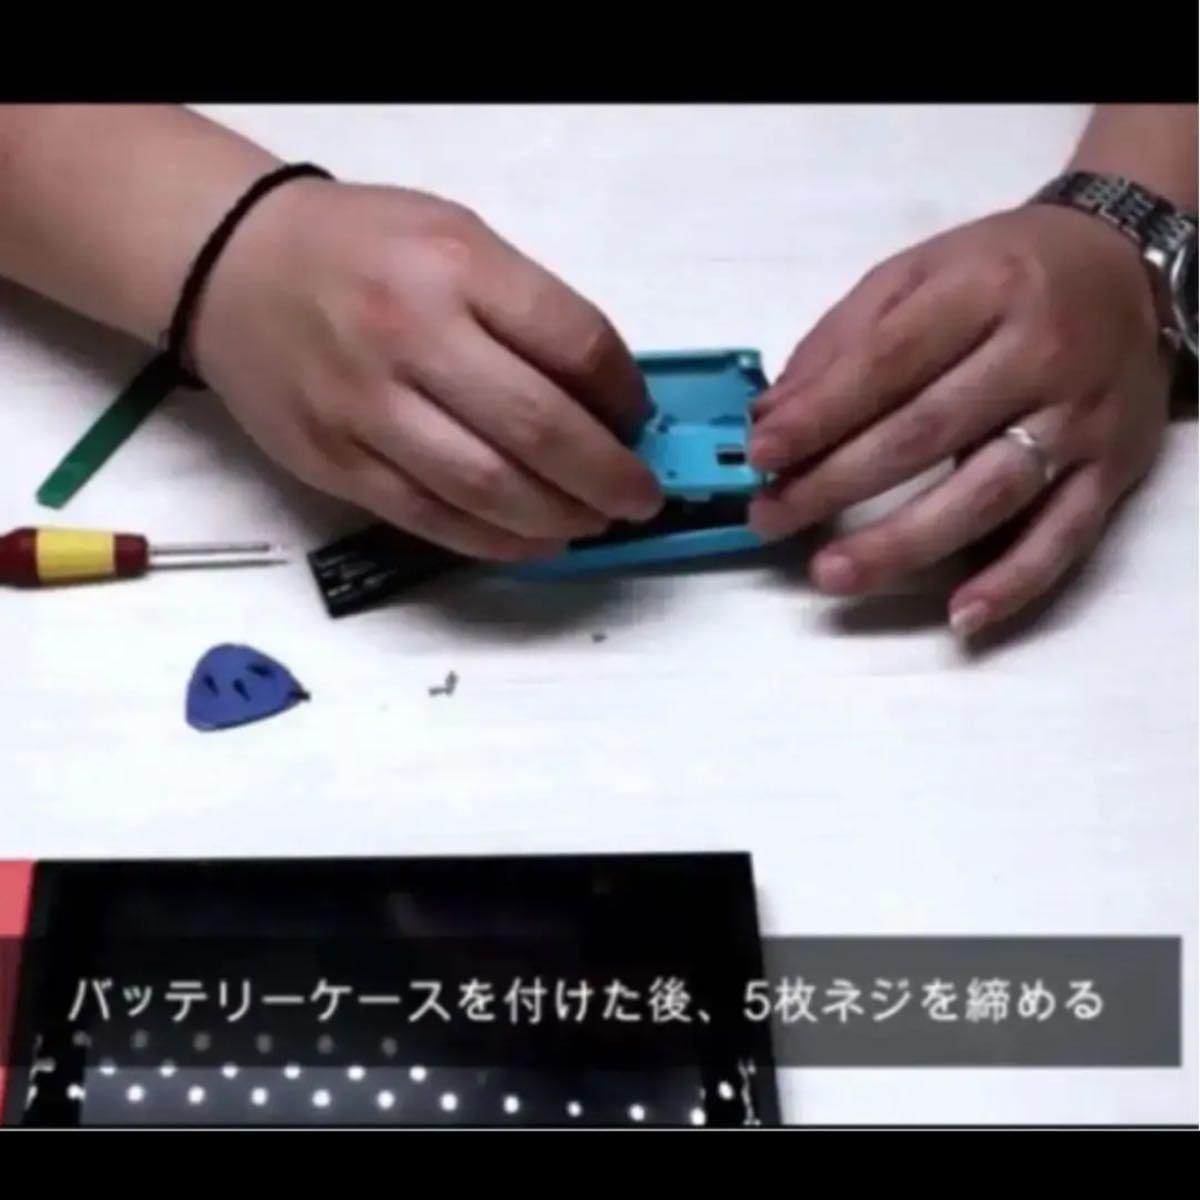 2個 Joy-Con交換部品 Joy-con用L/Rセンサーアナログジョイスティック 修理ツール付